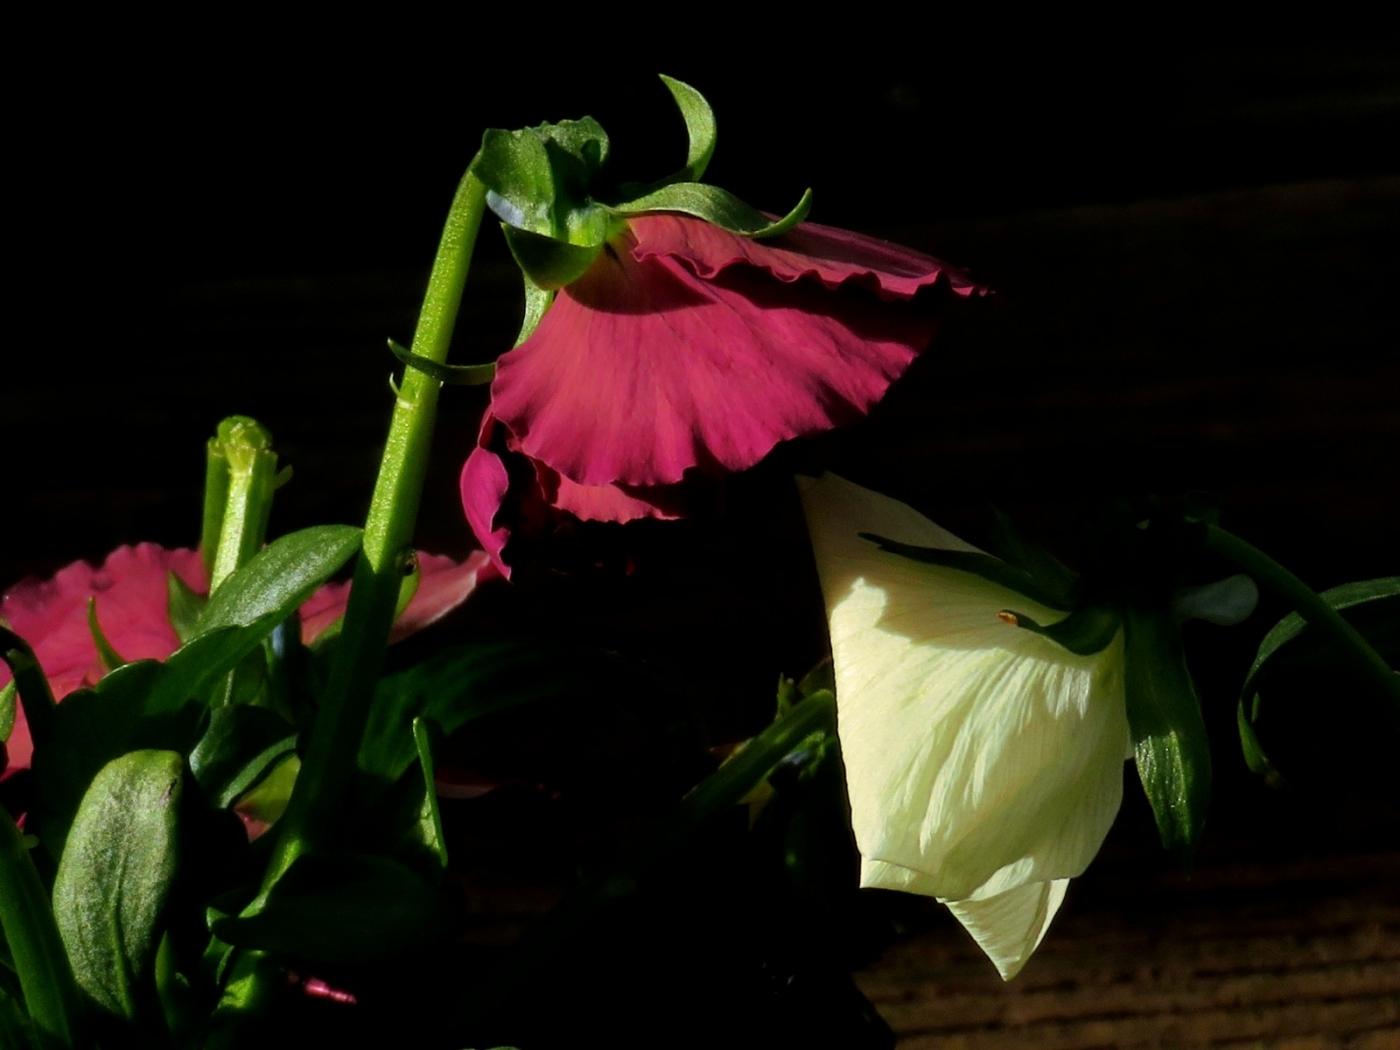 【晓鸣摄影】花卉植物49作展+独创简诗对照谱_图1-40